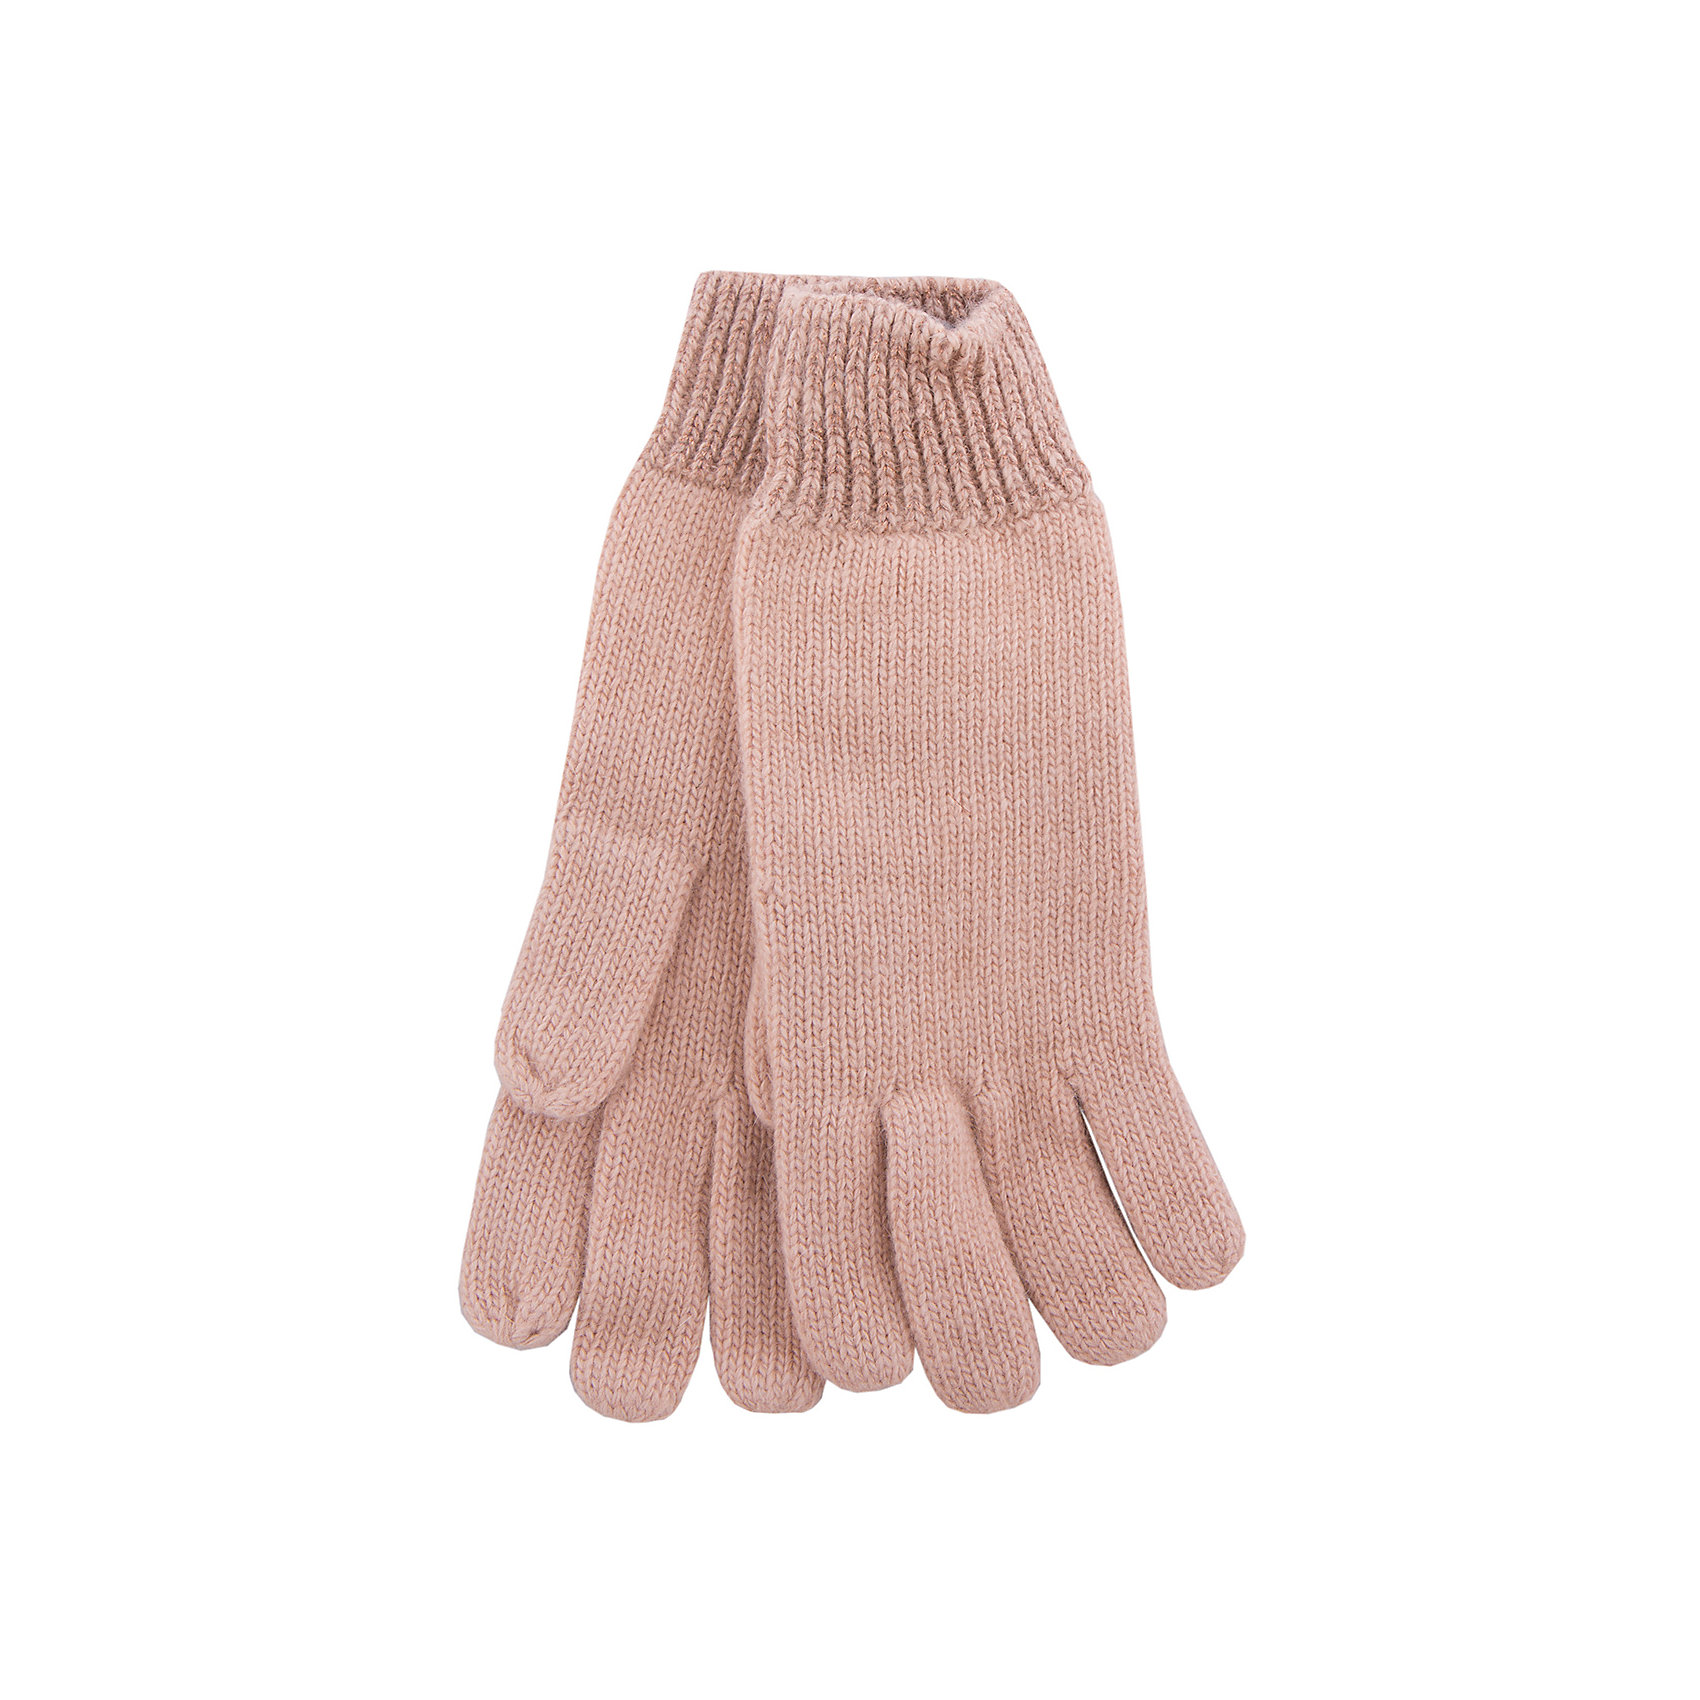 Перчатки Gulliver для девочкиПерчатки, варежки<br>Перчатки Gulliver для девочки<br>Стильный вязаный шарф - важный элемент повседневного образа. Он защитит модницу от зимней стужи, а также придаст зимнему комплекту завершенность. Если вы решили купить модный шарф для девочки, элегантный шарф с деликатным вывязанным узором - прекрасный выбор!<br>Состав:<br>40% вискоза     20% шерсть     20% нейлон     20% ангора<br><br>Ширина мм: 162<br>Глубина мм: 171<br>Высота мм: 55<br>Вес г: 119<br>Цвет: бежевый<br>Возраст от месяцев: 0<br>Возраст до месяцев: 3<br>Пол: Женский<br>Возраст: Детский<br>Размер: 16,18<br>SKU: 7077195